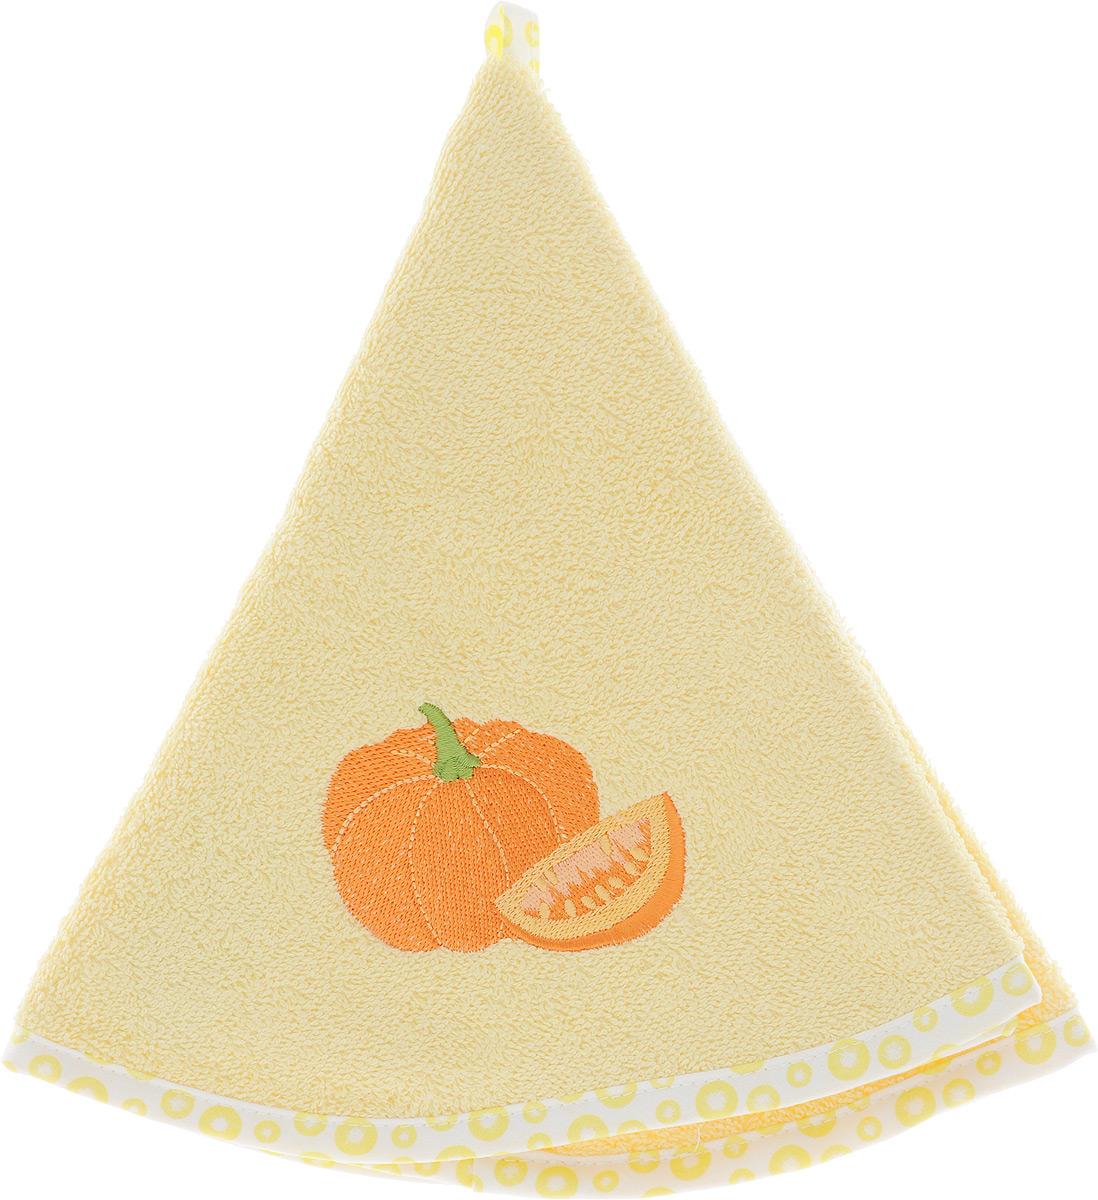 Полотенце кухонное Karna Zelina. Тыква, цвет: светло-желтый, диаметр 50 смVT-1520(SR)Круглое кухонное полотенце Karna Zelina. Тыква изготовлено из 100% хлопка, поэтому являетсяэкологически чистым. Качество материала гарантирует безопасность не только взрослым, но и самым маленьким членам семьи. Изделие мягкое и пушистое, оснащено удобной петелькой и украшено оригинальной вышивкой. Кухонное полотенце Karna сделает интерьер вашей кухни стильным и гармоничным.Диаметр полотенца: 50 см.